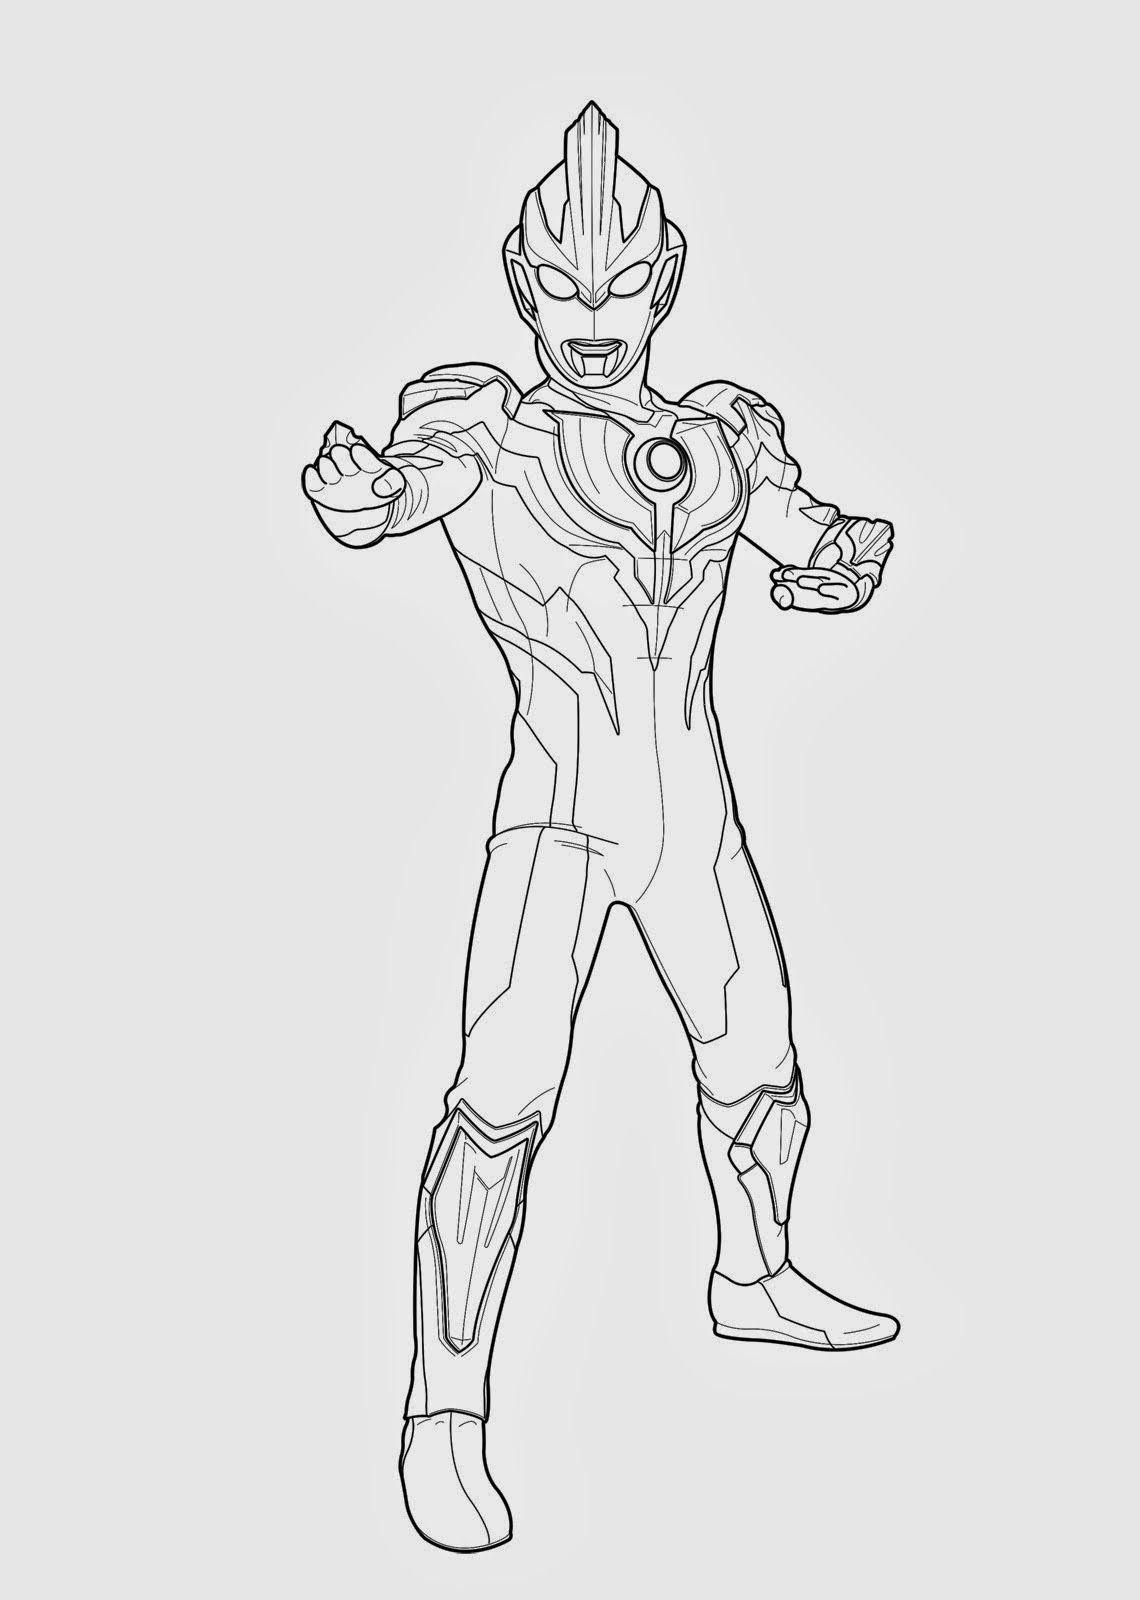 Contoh Gambar Mewarnai Gambar Ultraman  KataUcap